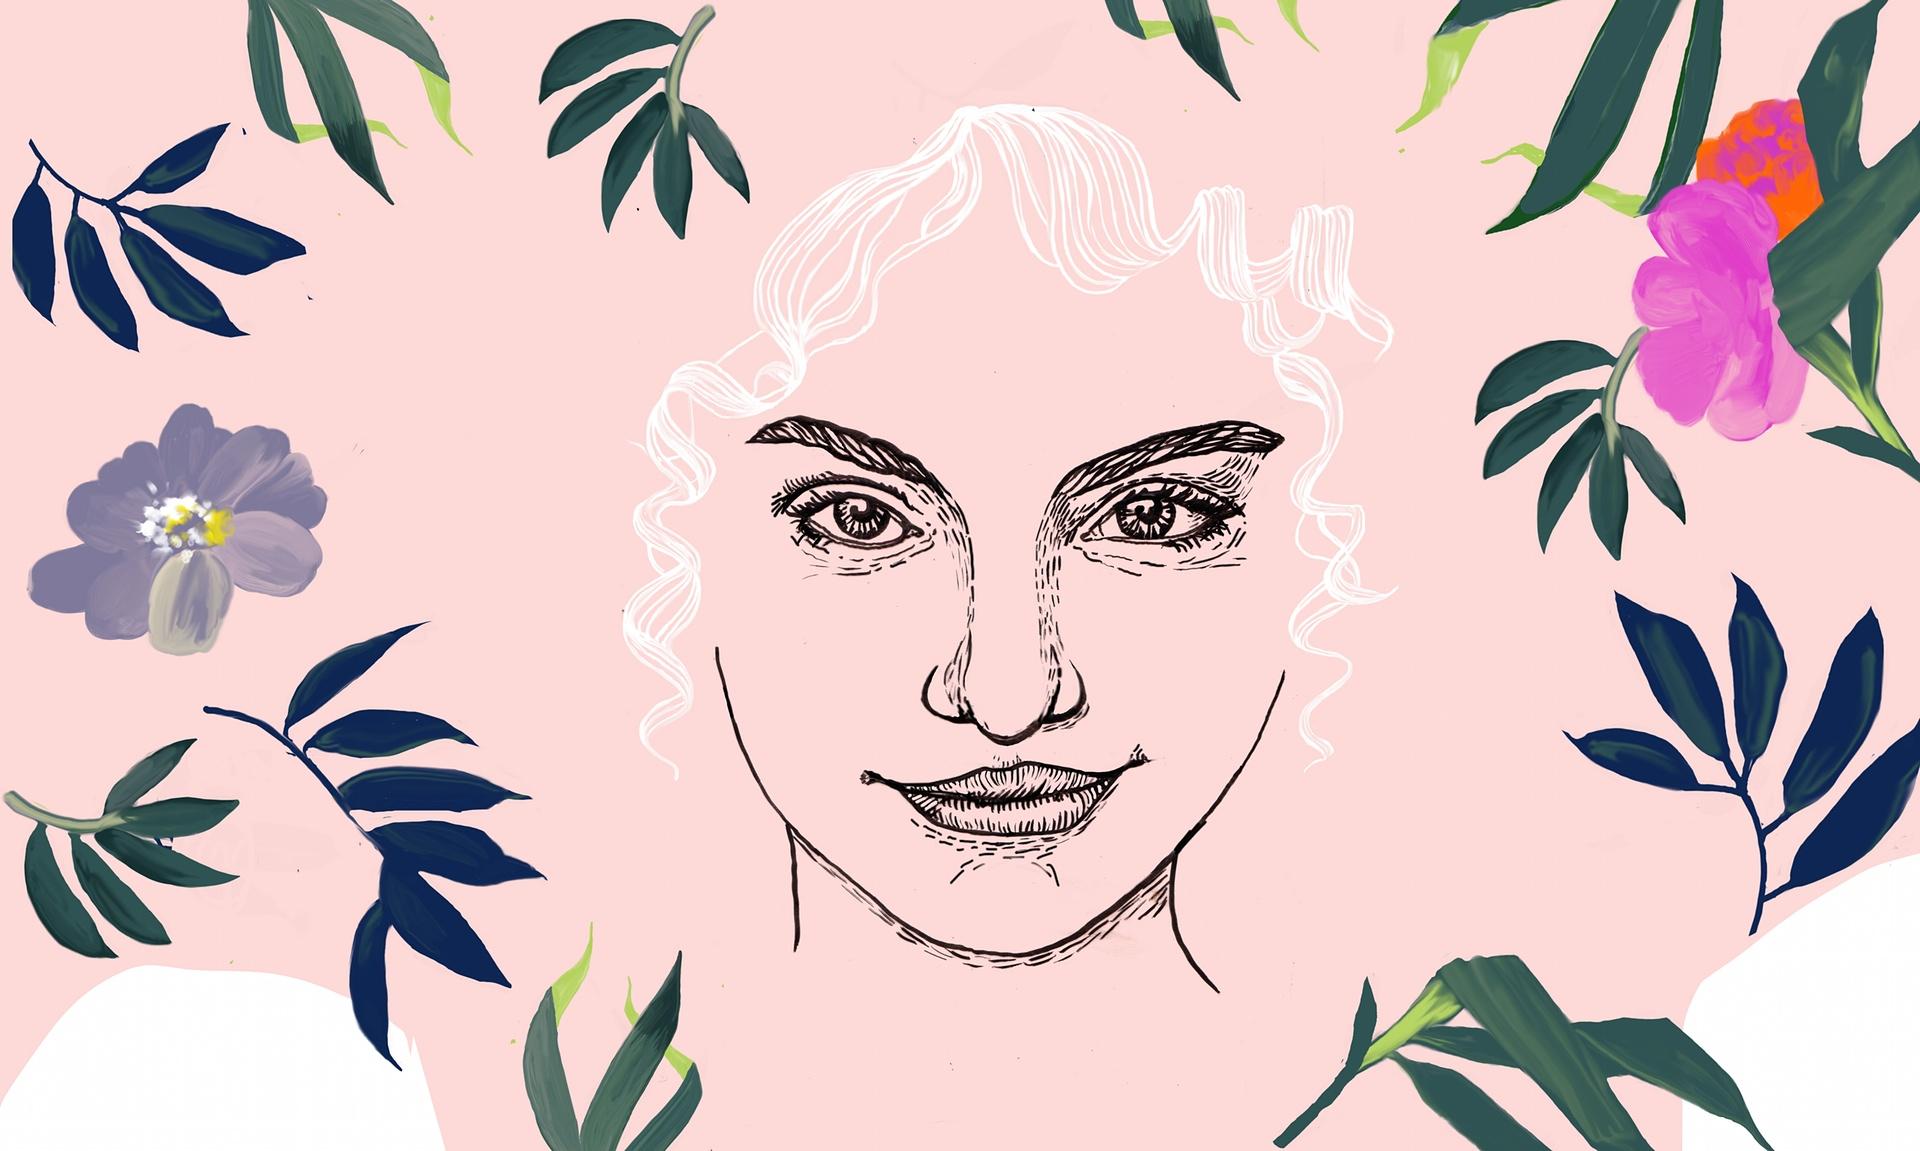 [LIVRO] Um olhar sobre Jane Austen e suas heroínas (artigo)